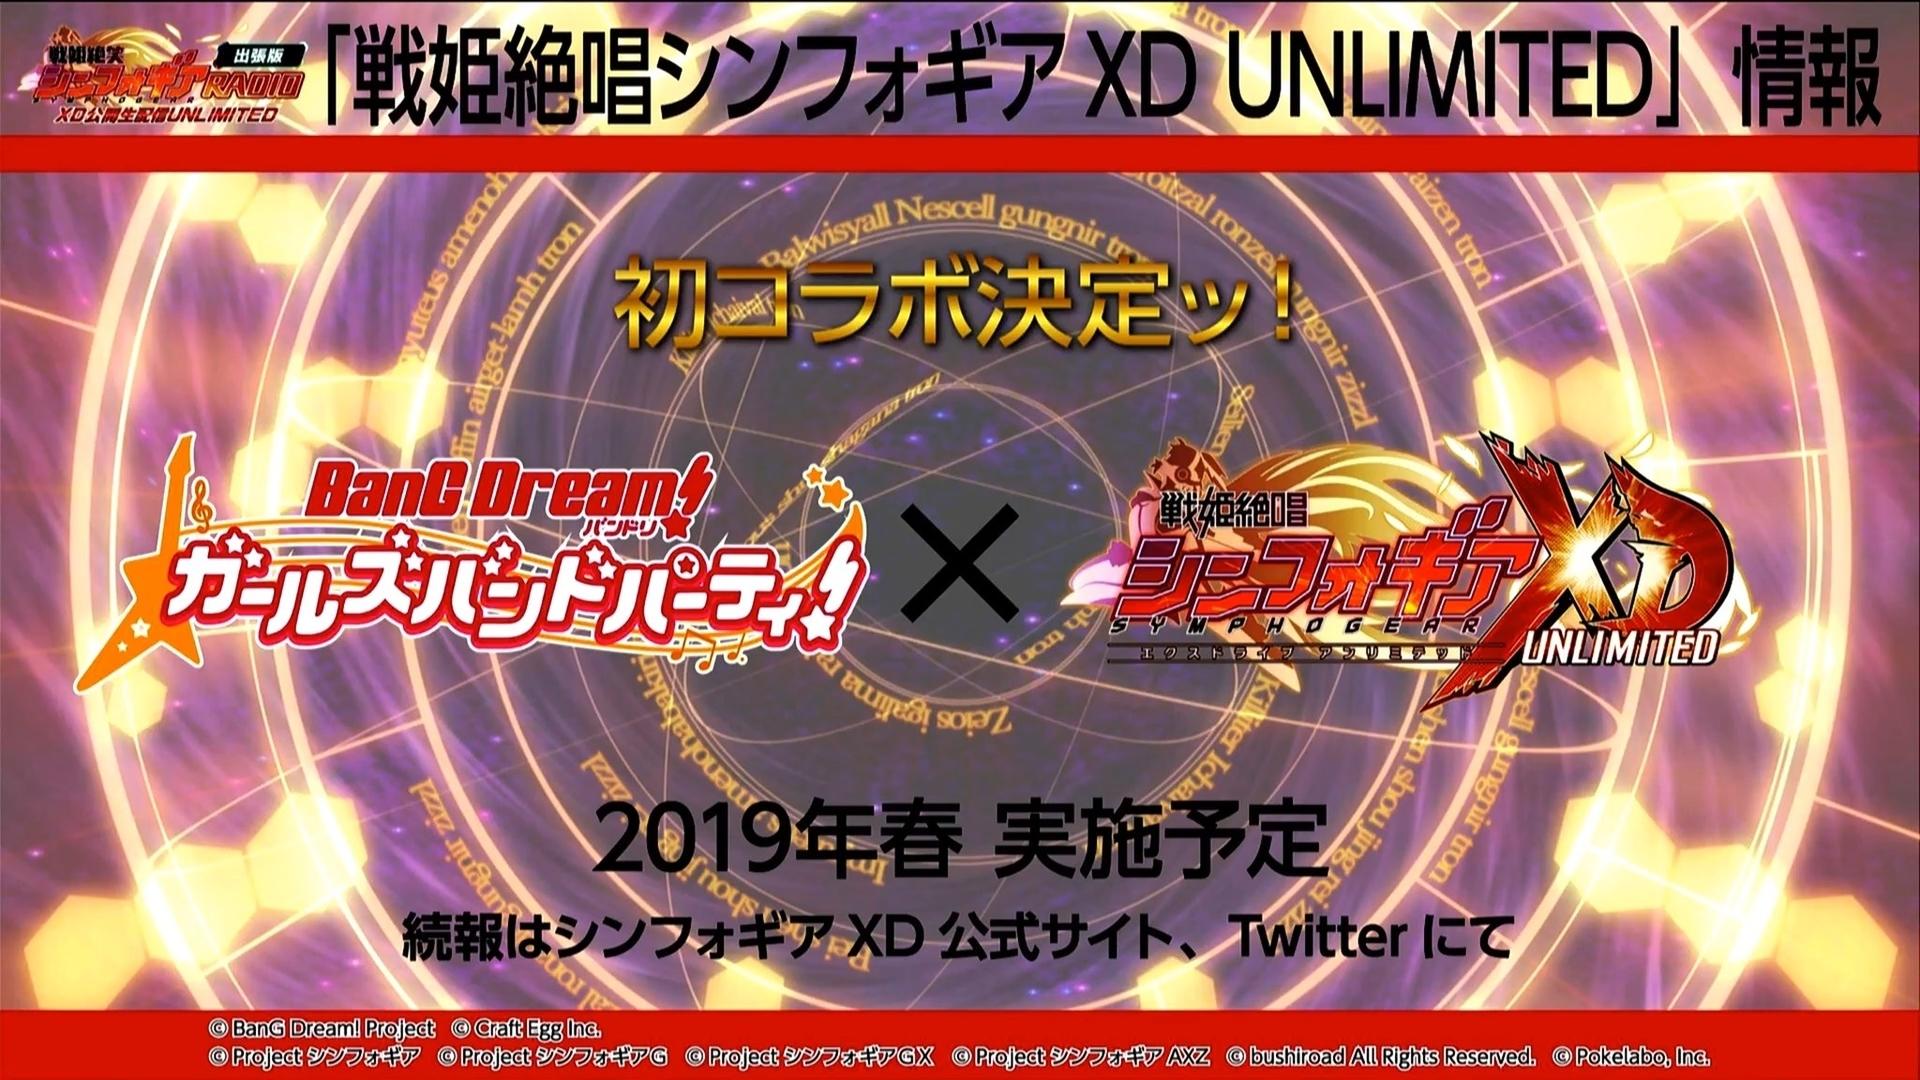 戦姫絶唱シンフォギア Xd Unlimited と バンドリ ガールズバンド